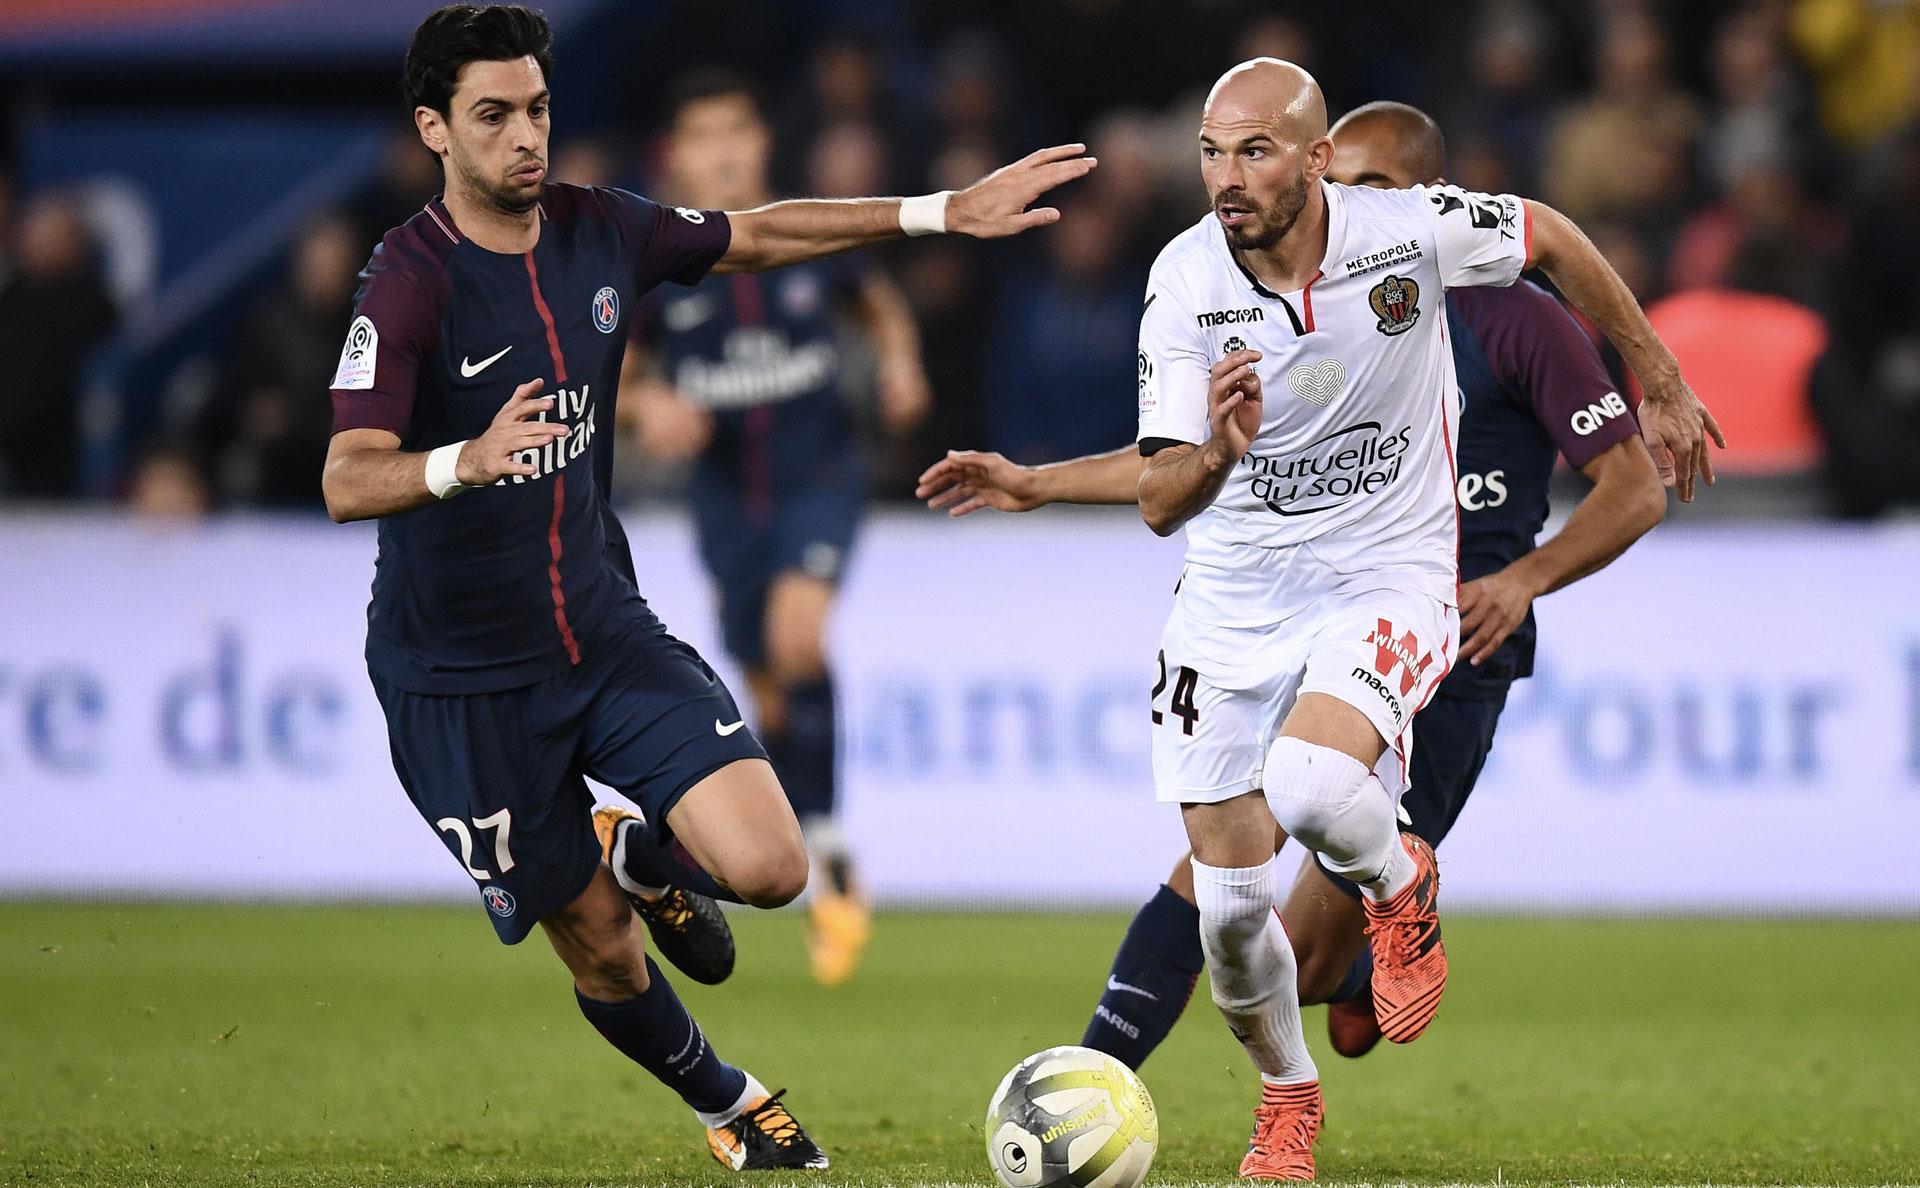 Mercato - Christophe Jallet signe à Amiens (officiel)